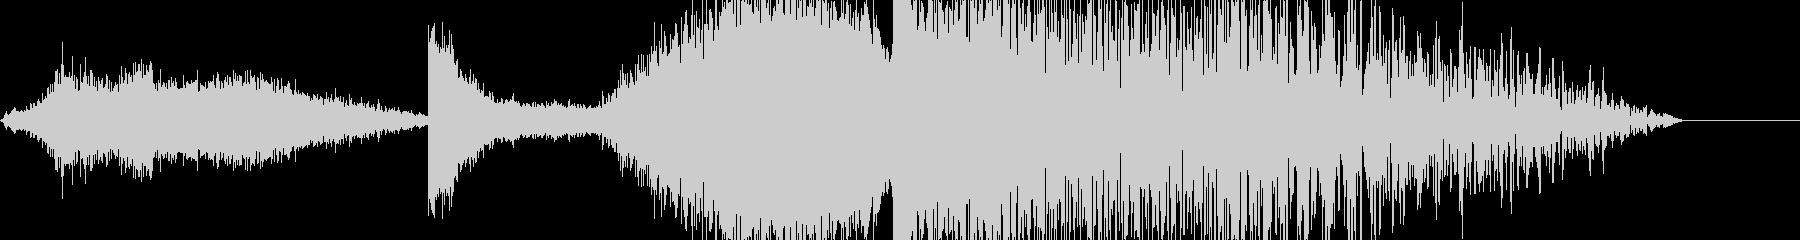 シュイーンドカーンの未再生の波形